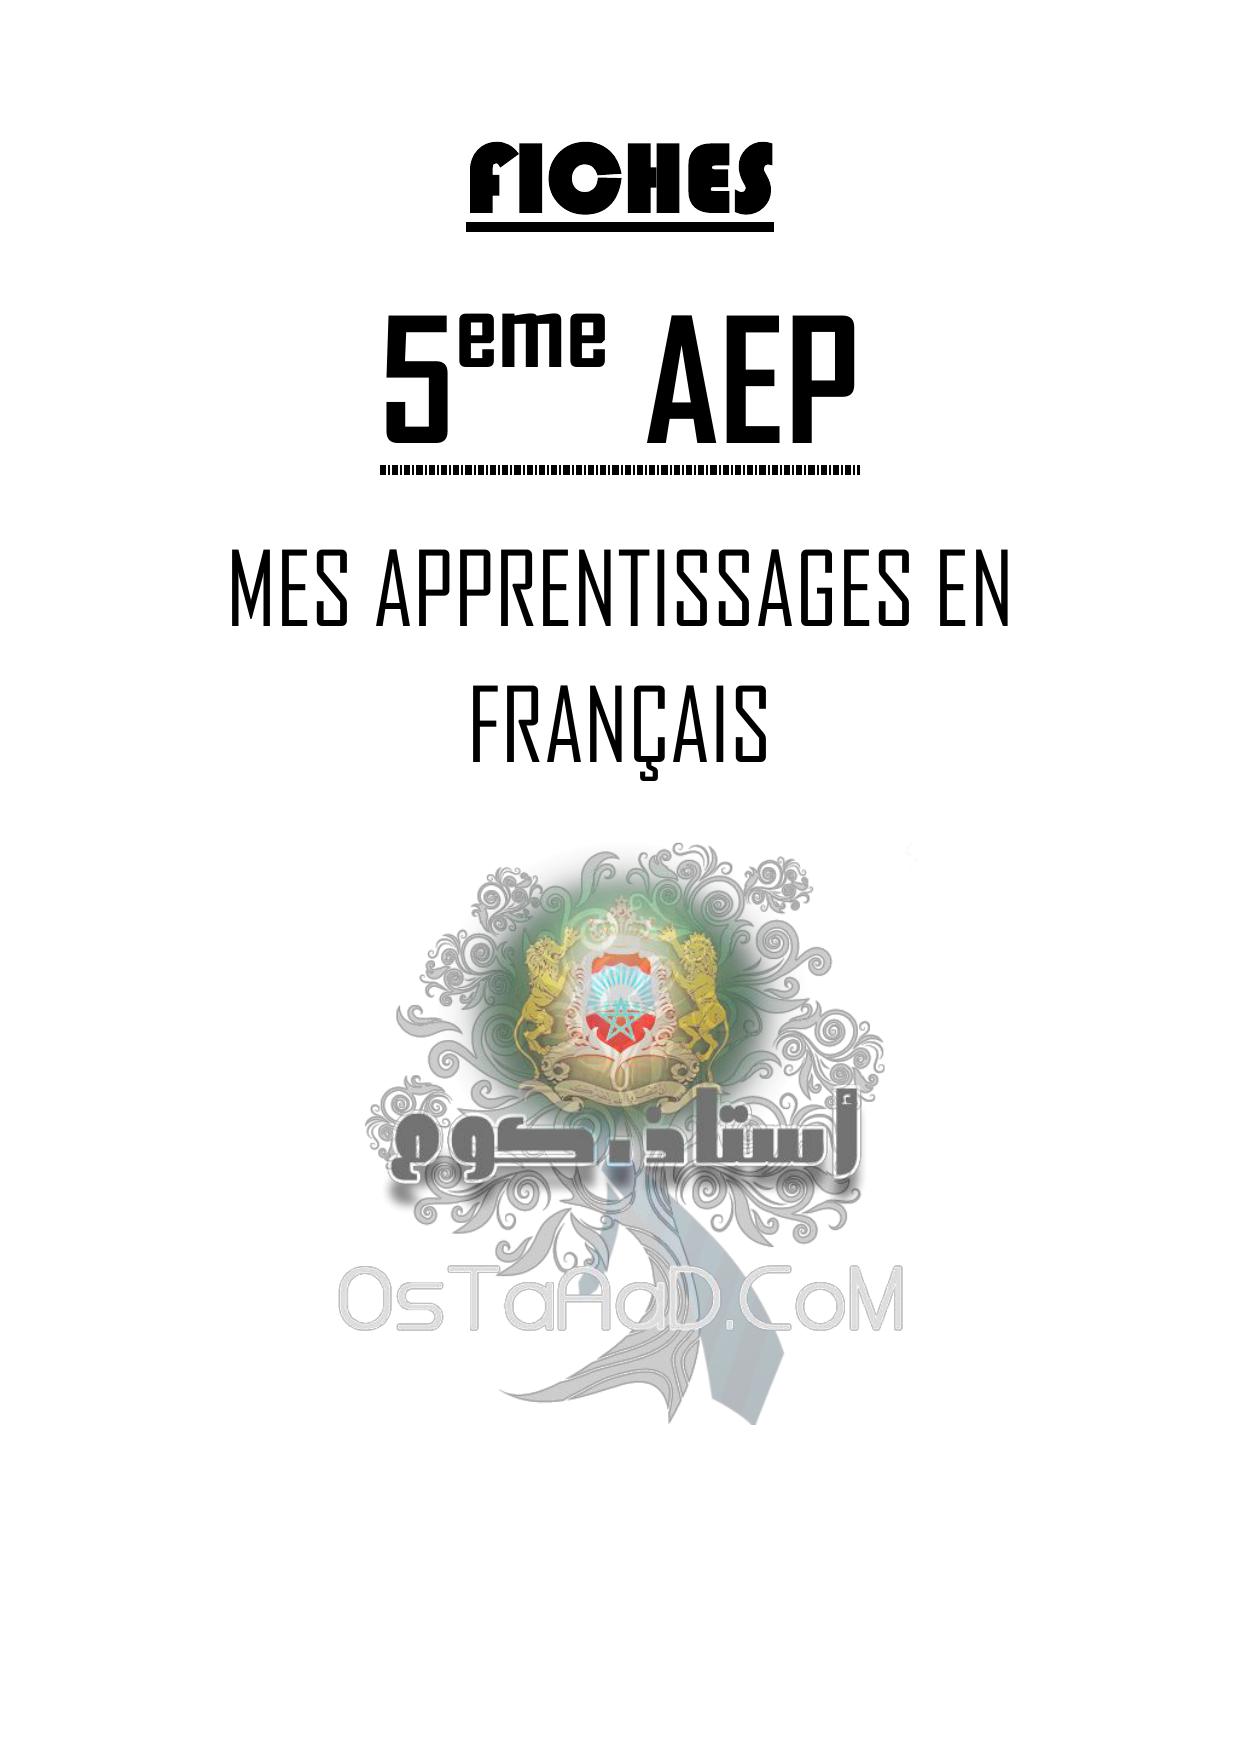 Fiches Mes Apprentissages En Francais